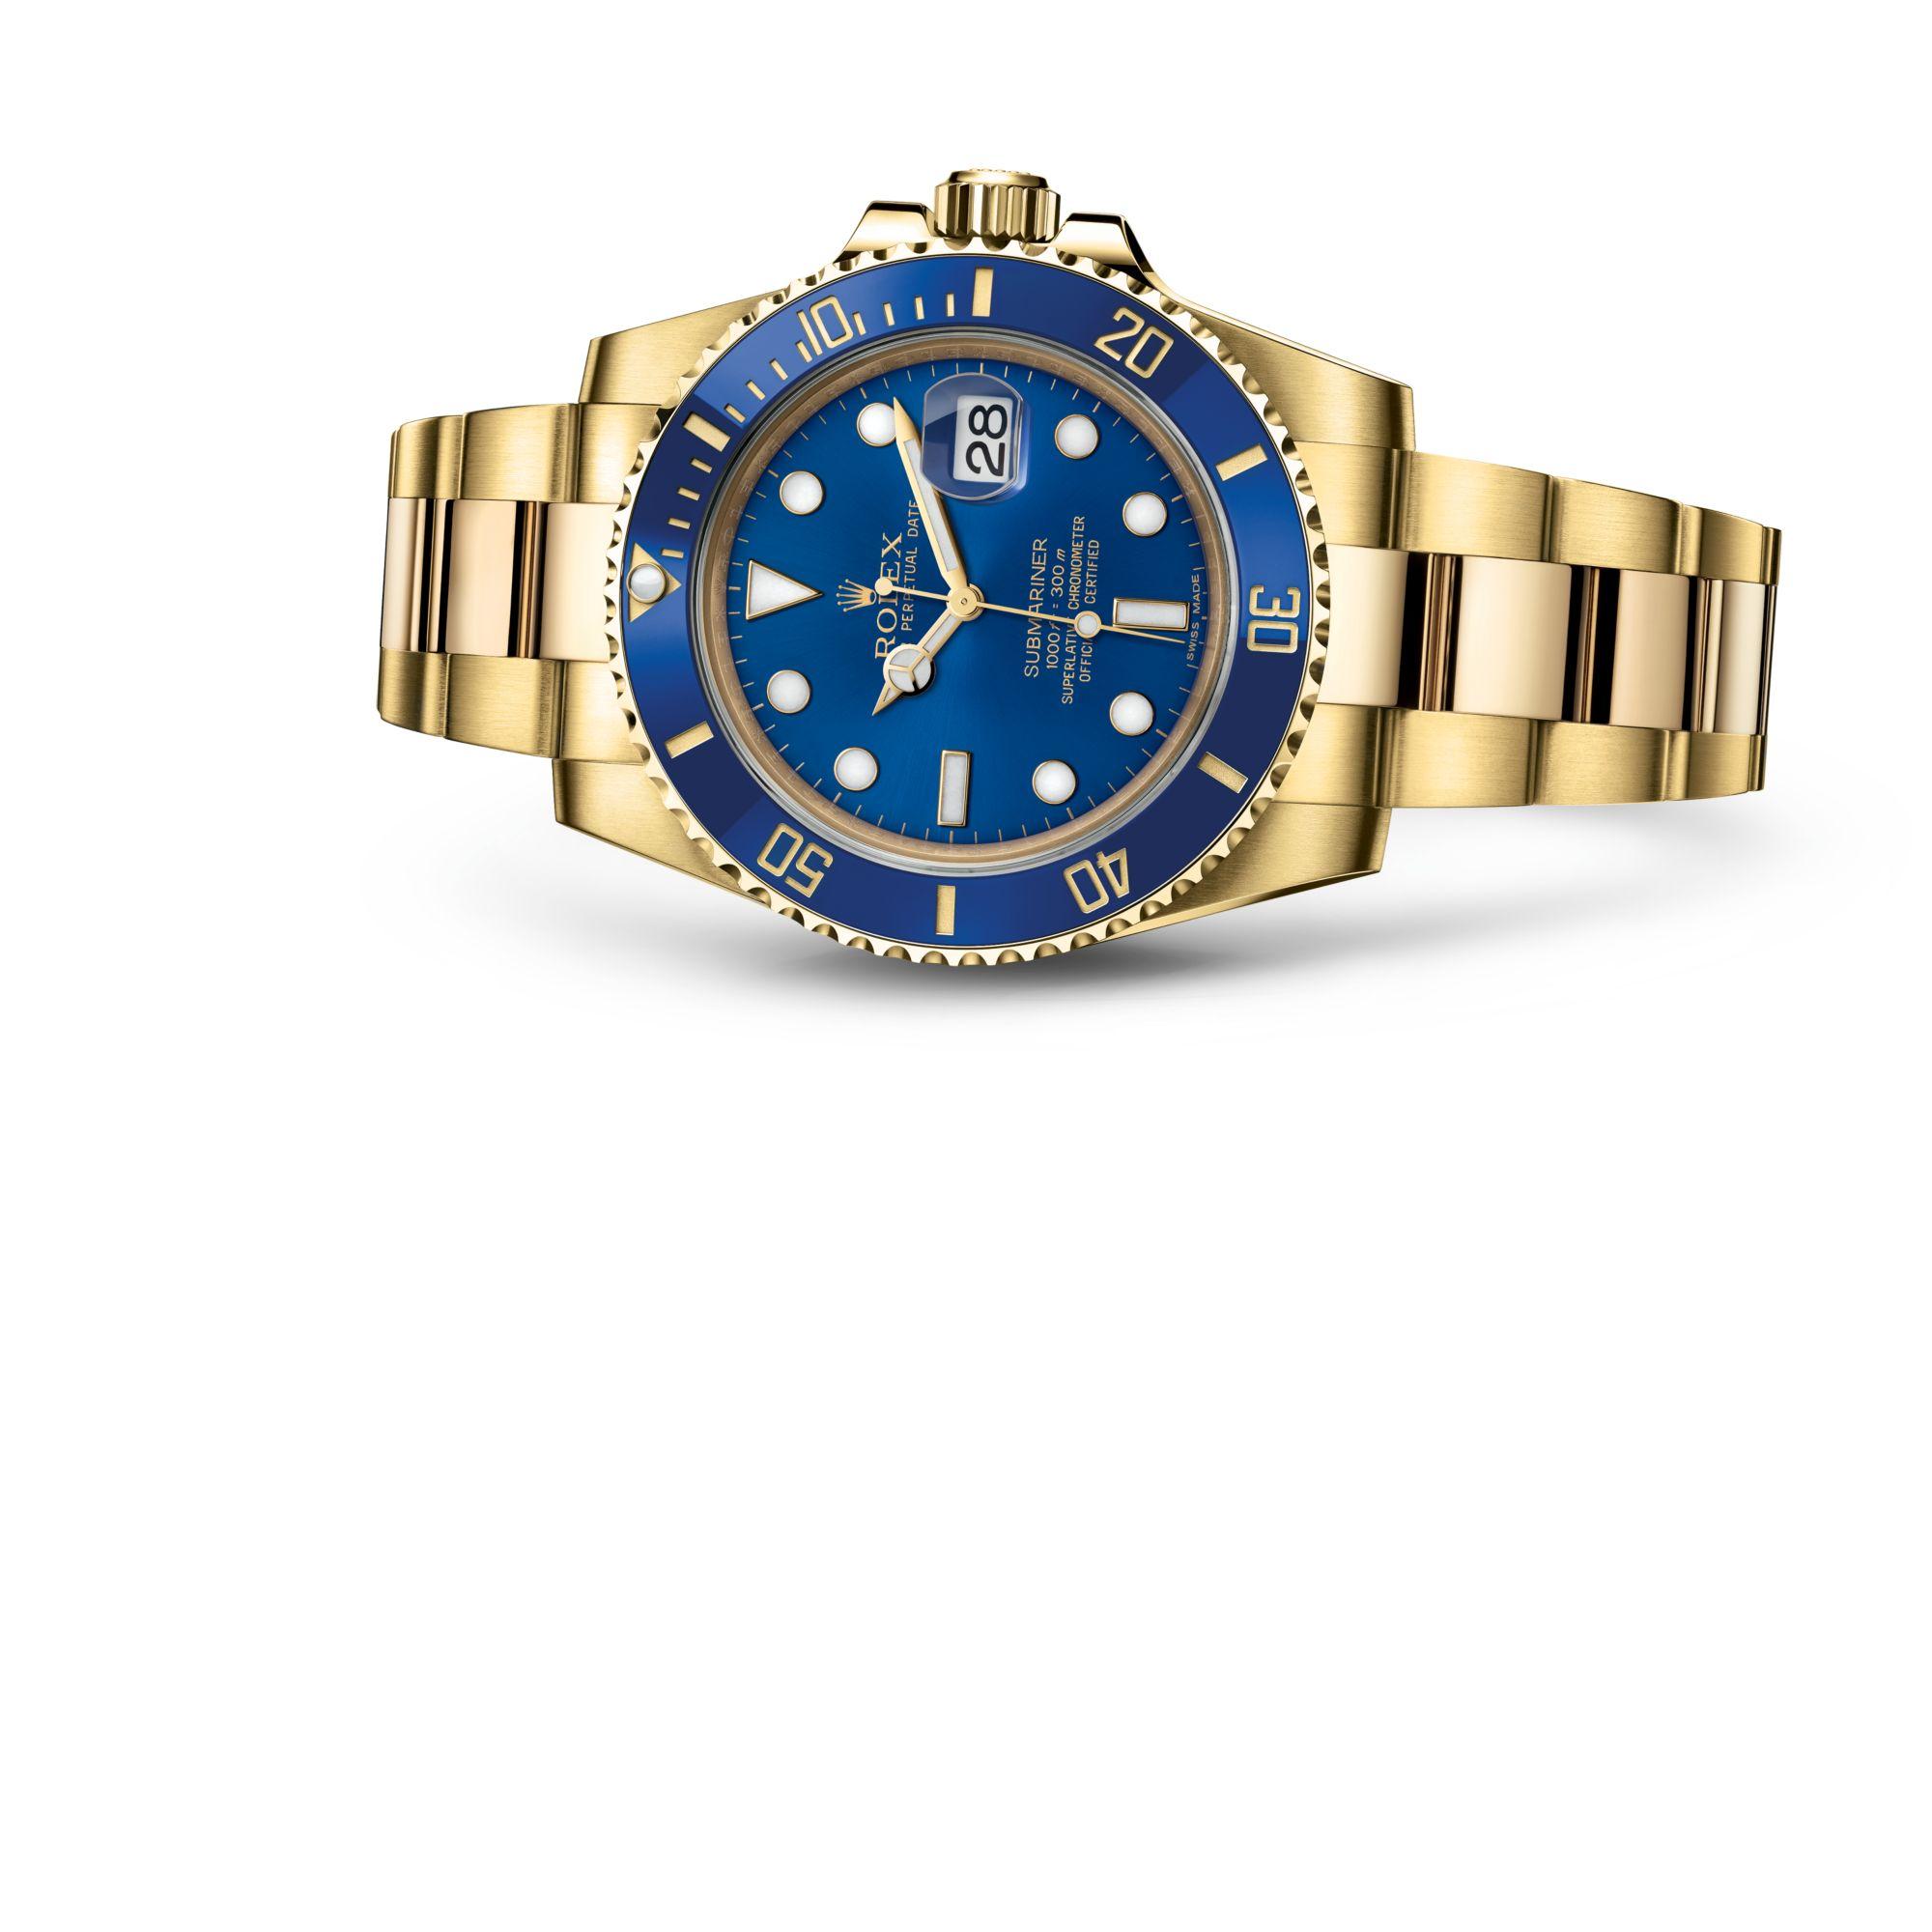 Rolex Submariner Date M116618LB-0003